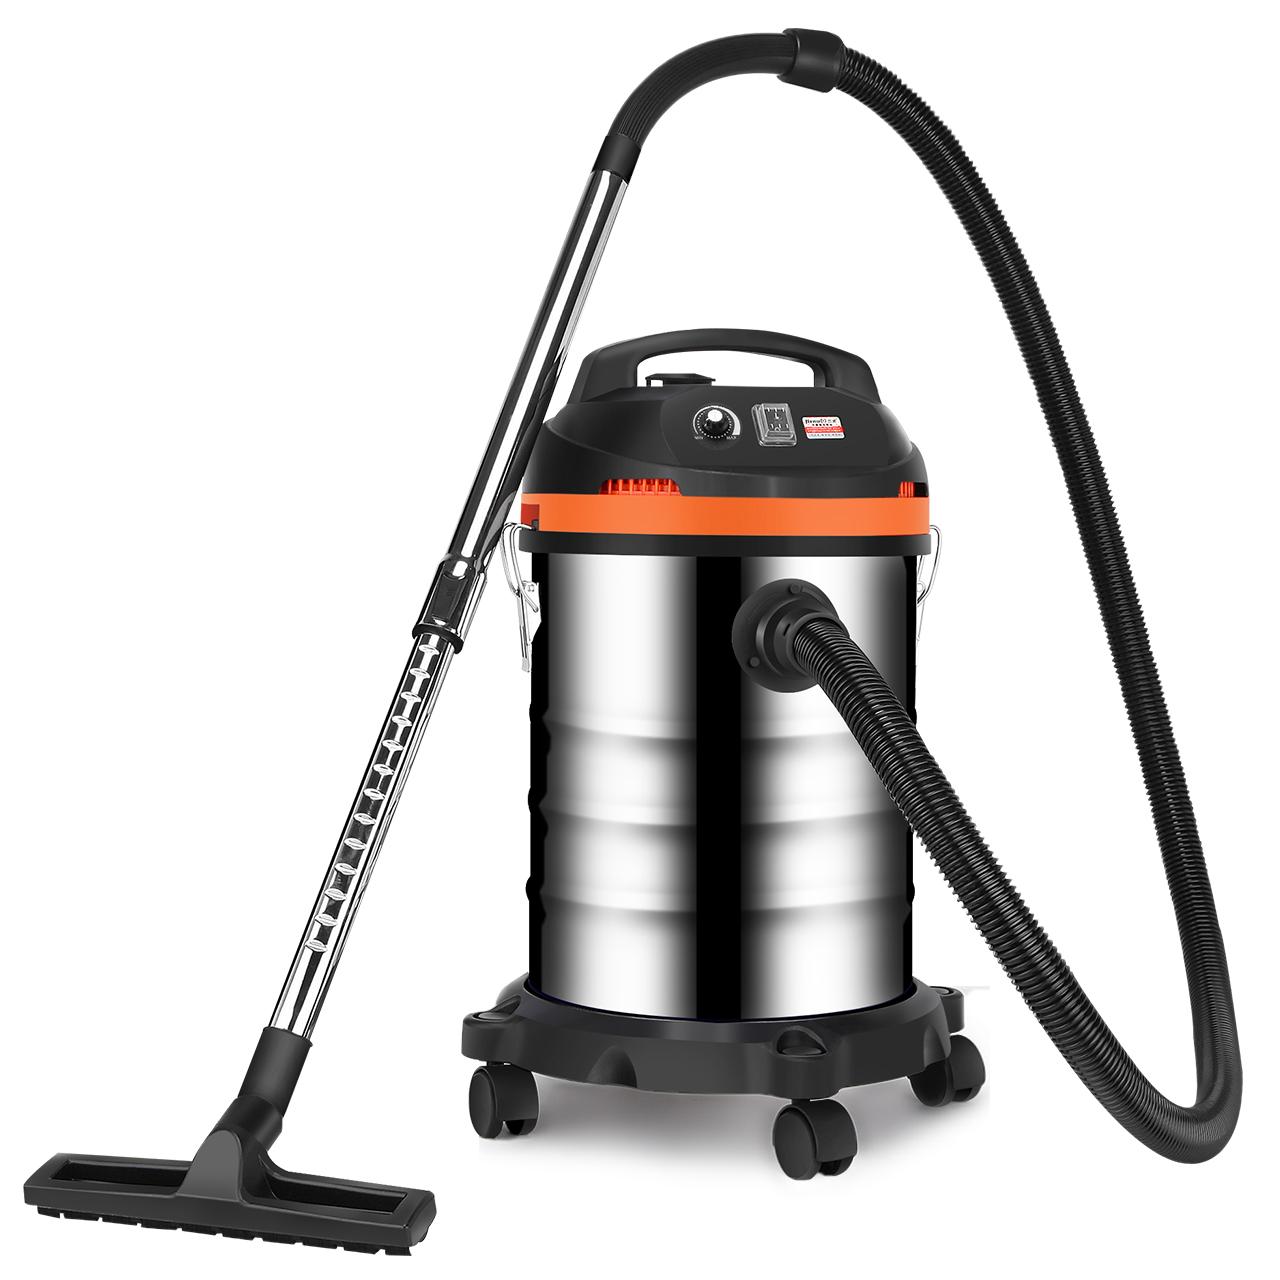 杰诺吸尘器1600W强力大功率家用酒店宾馆商用工业吸尘器30L干湿吹